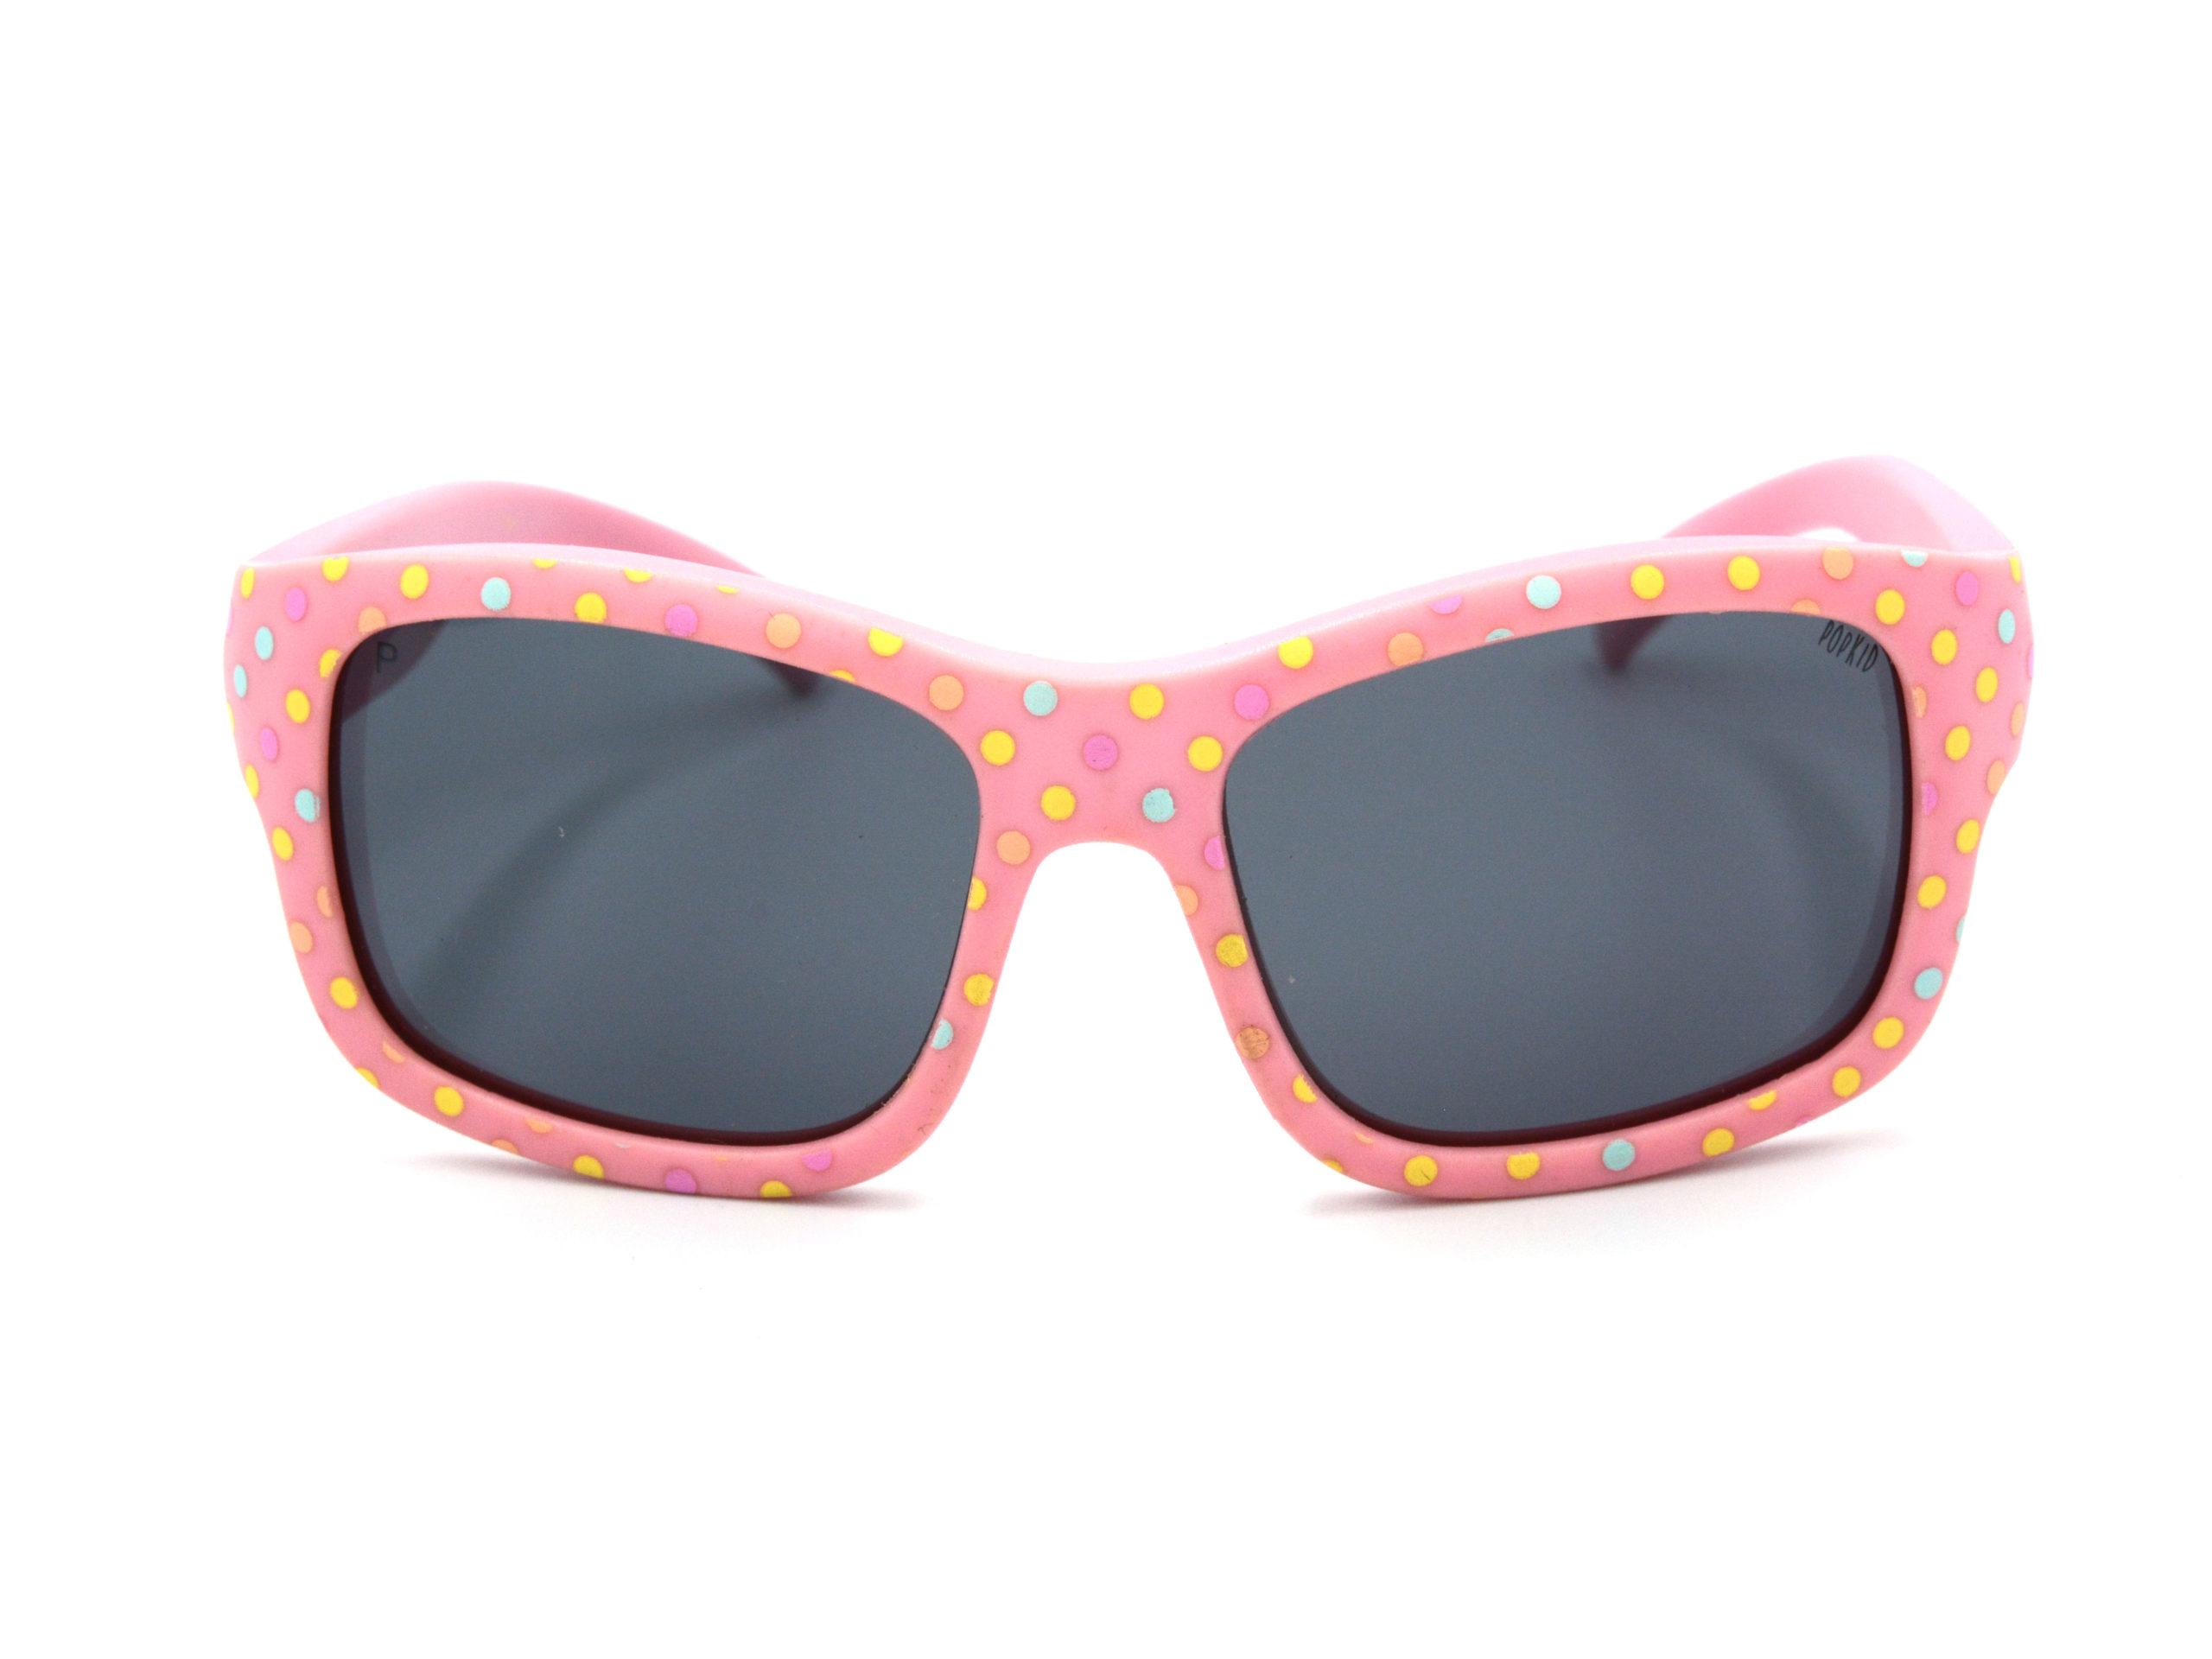 Γυαλιά ηλίου POP KID PK012 C3 45-13-110 Πειραιάς